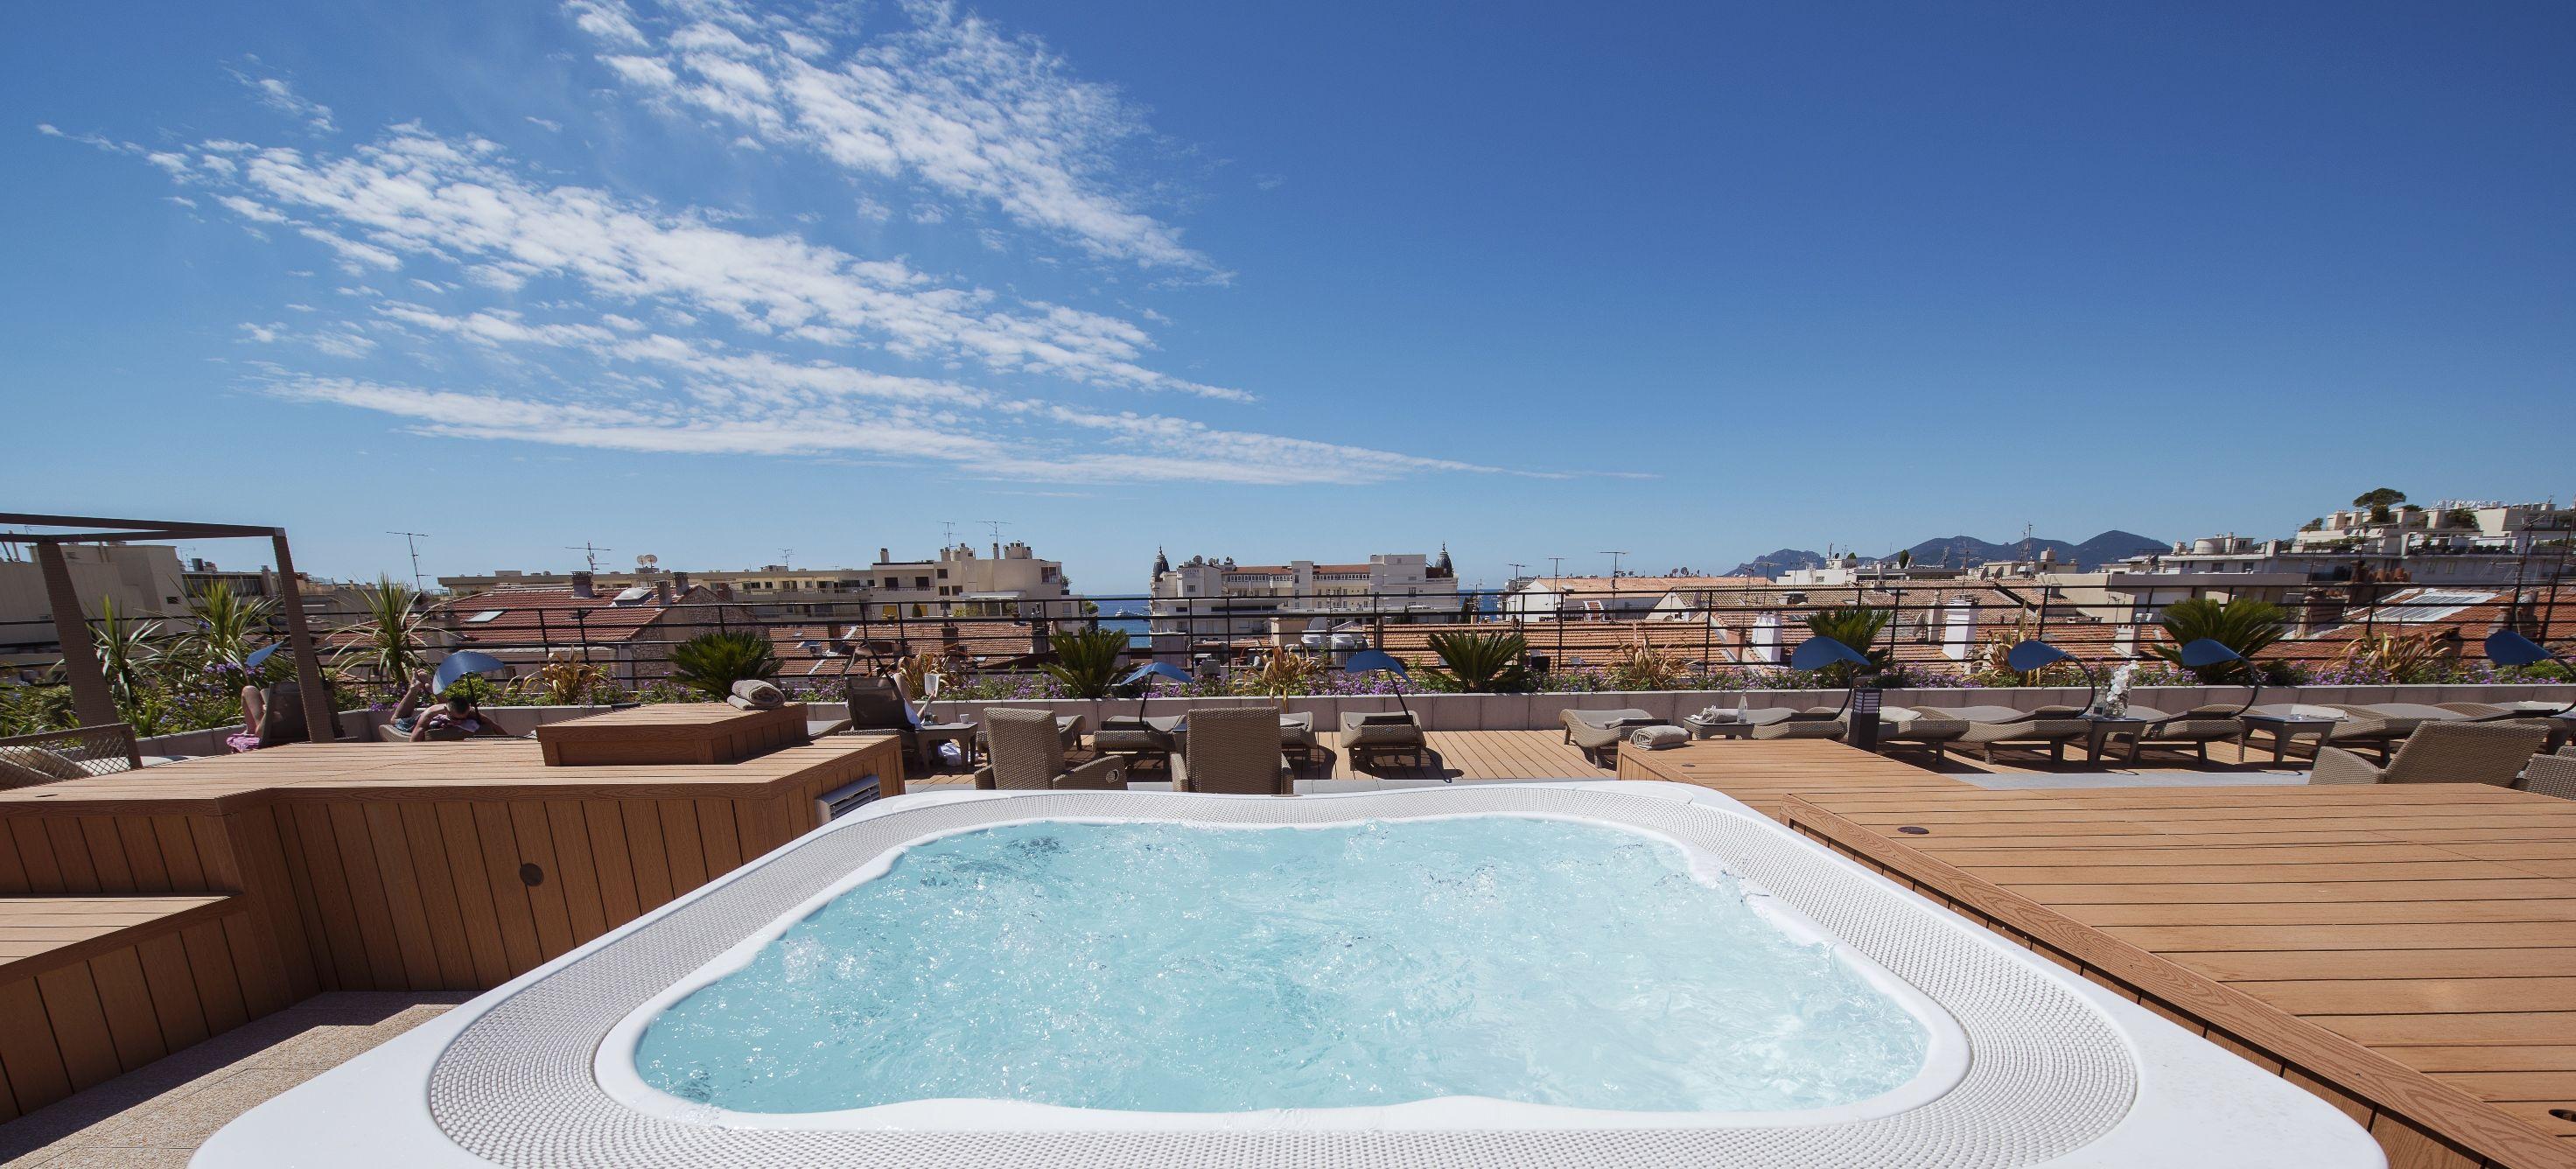 Spa Jacuzzi Profile Sur Un Toit Terrasse Hotel Patio Des Artistes